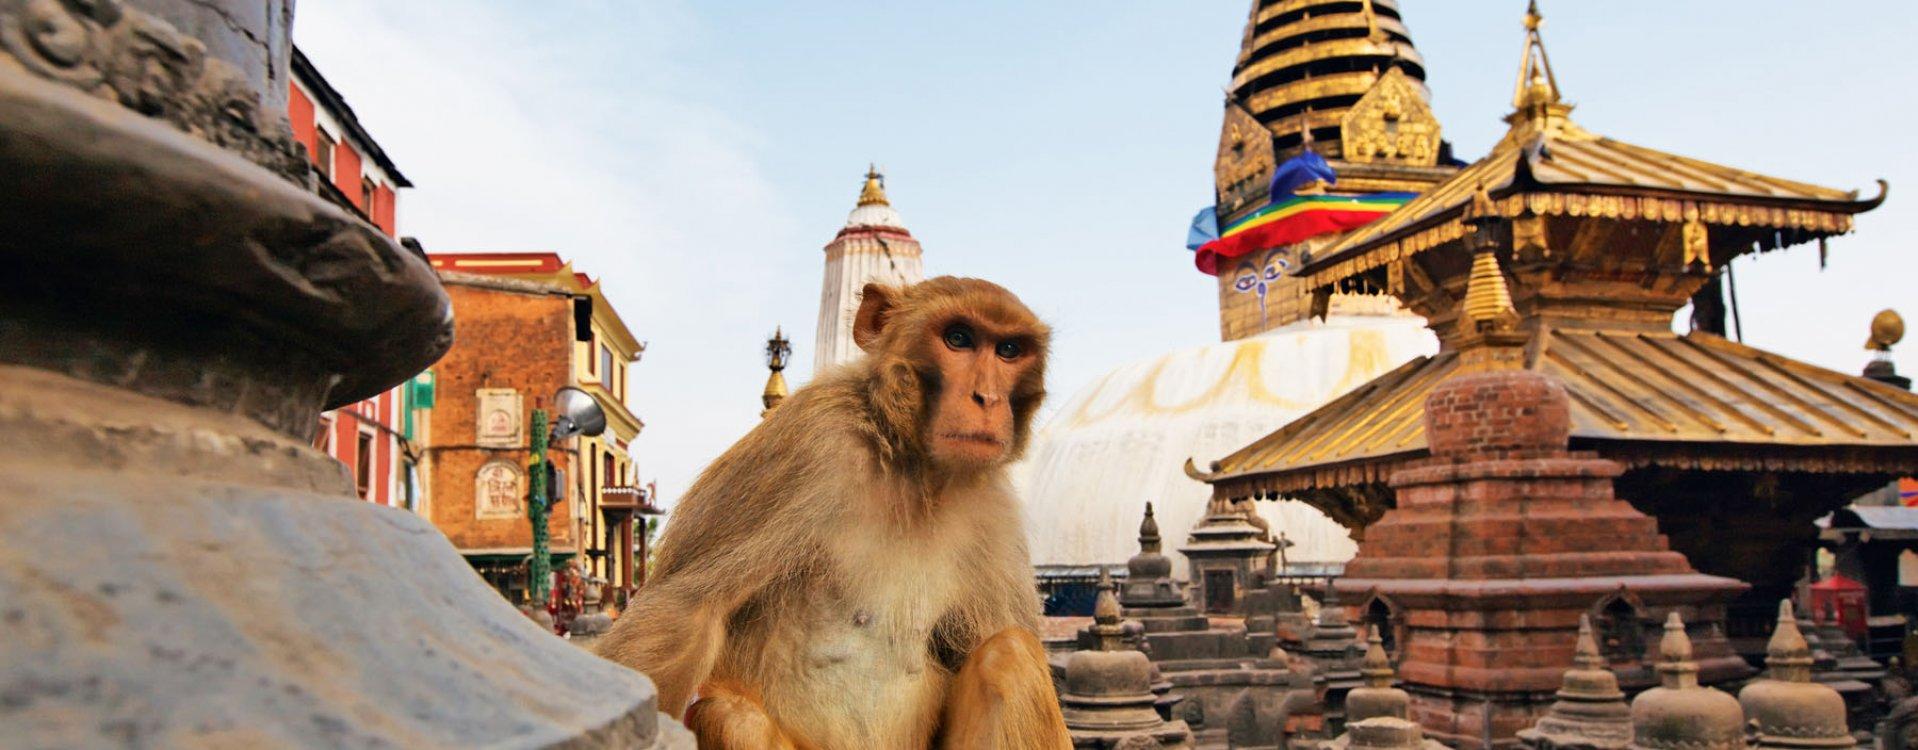 Kathmandu, Swayambunath tempel